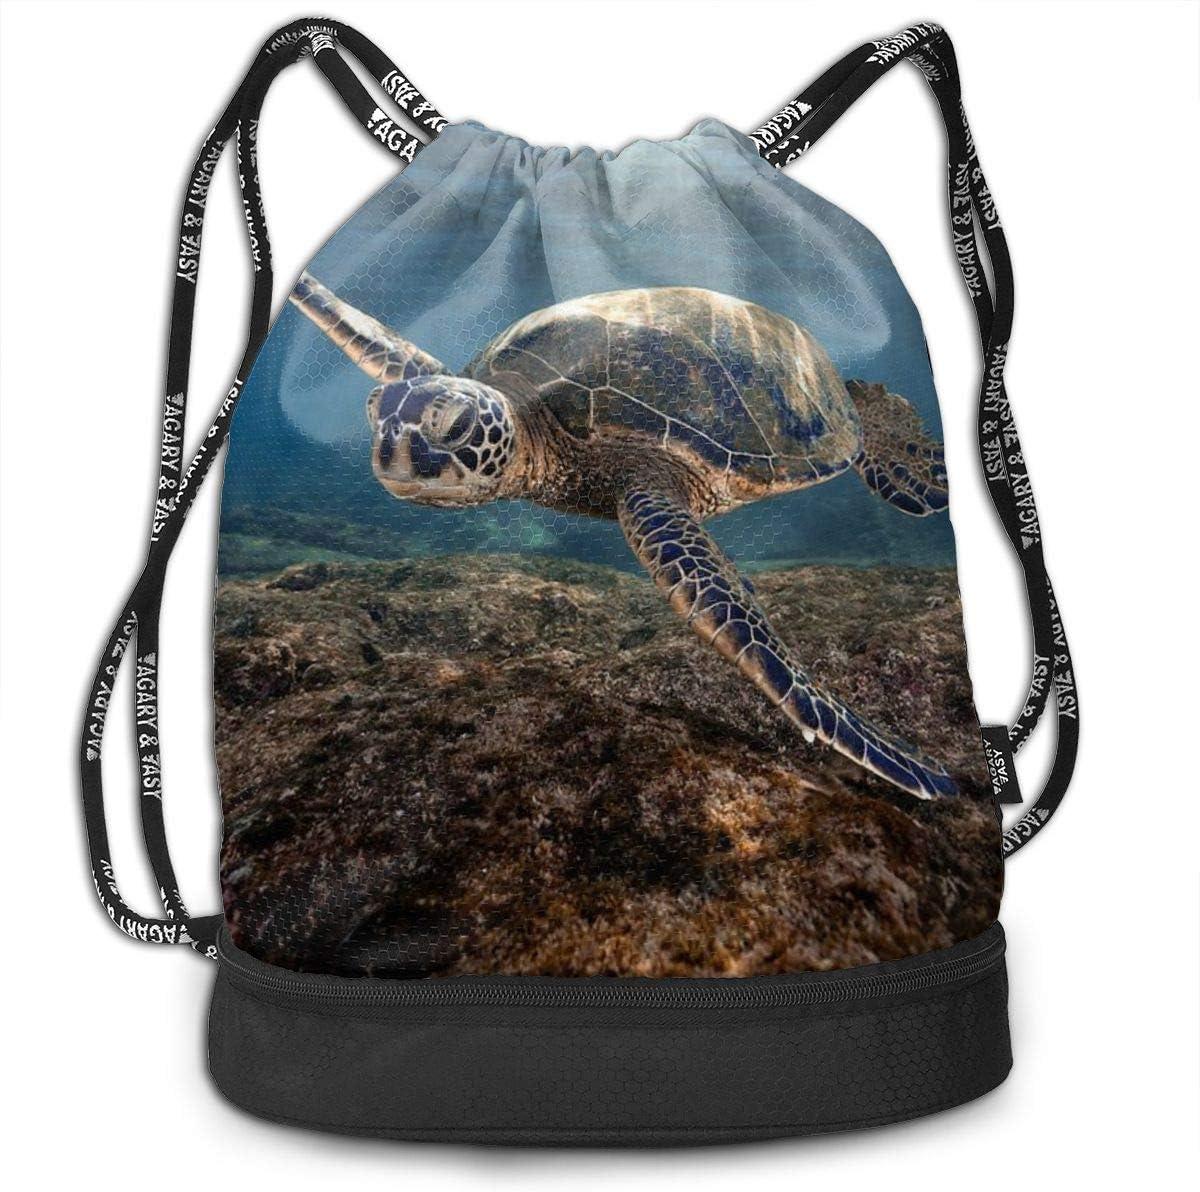 GymSack Drawstring Bag Sackpack Sea Turtle Sport Cinch Pack Simple Bundle Pocke Backpack For Men Women